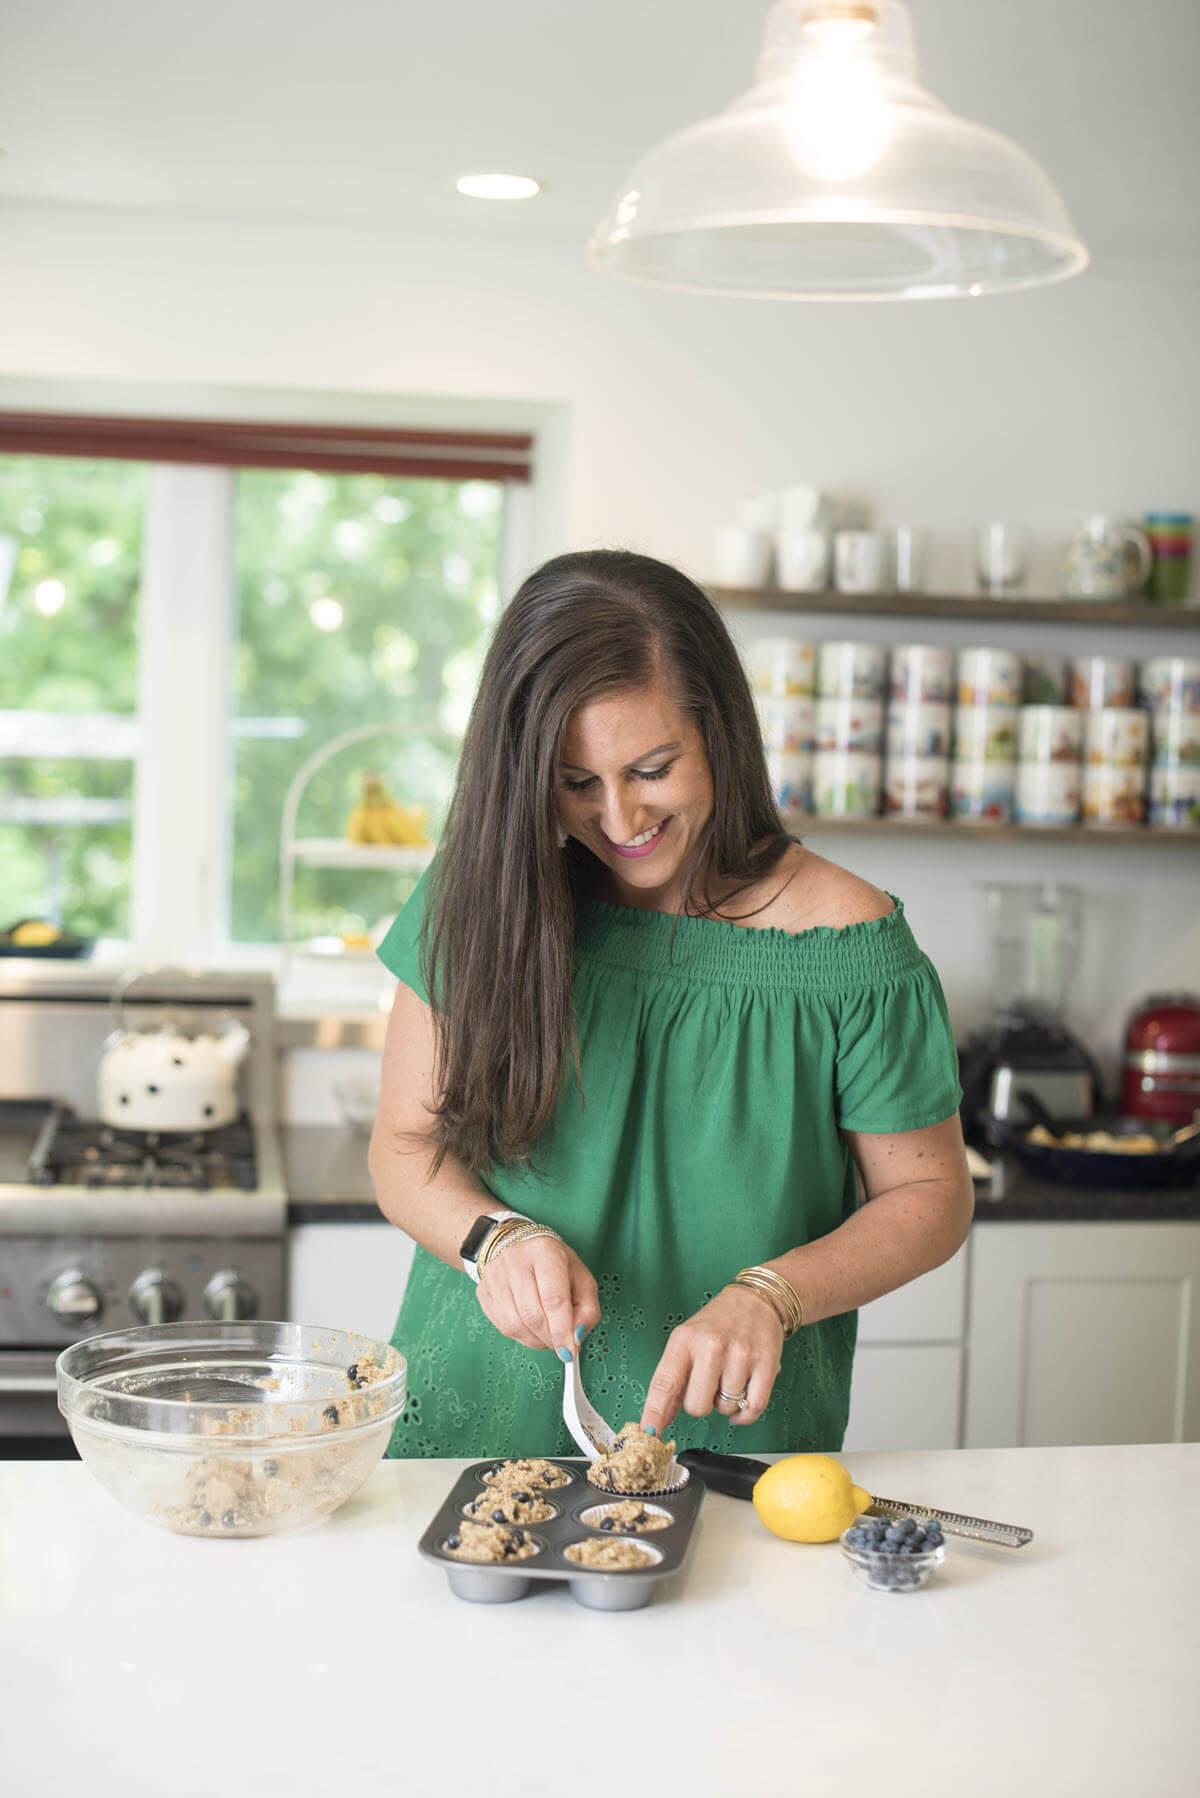 Liz making gluten-free muffins